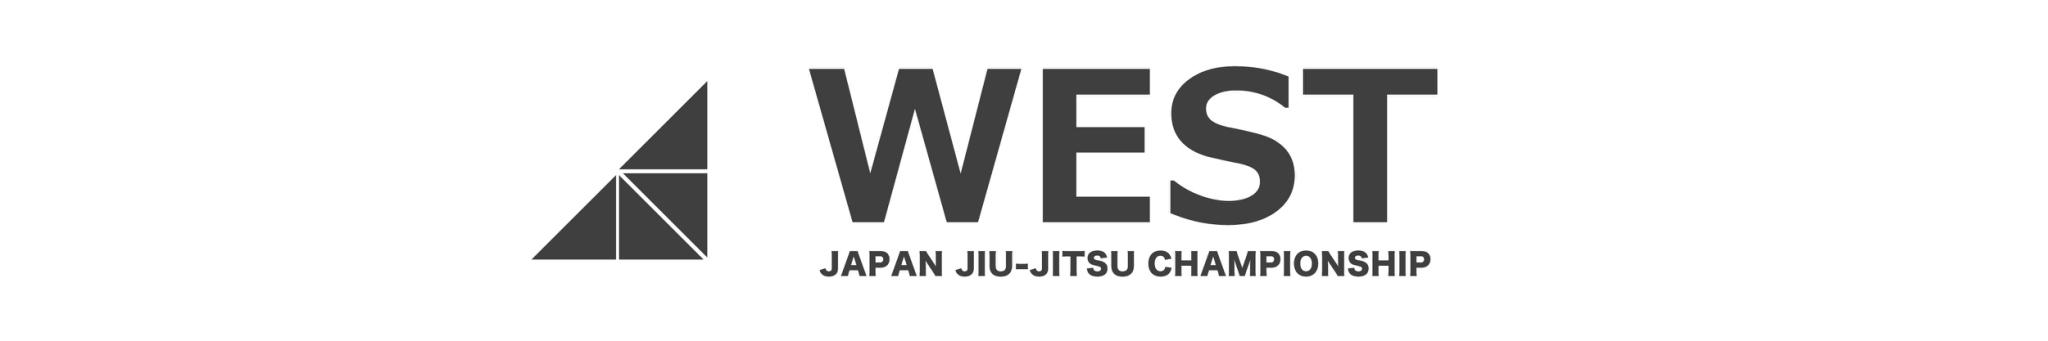 west_ch8_wb_w